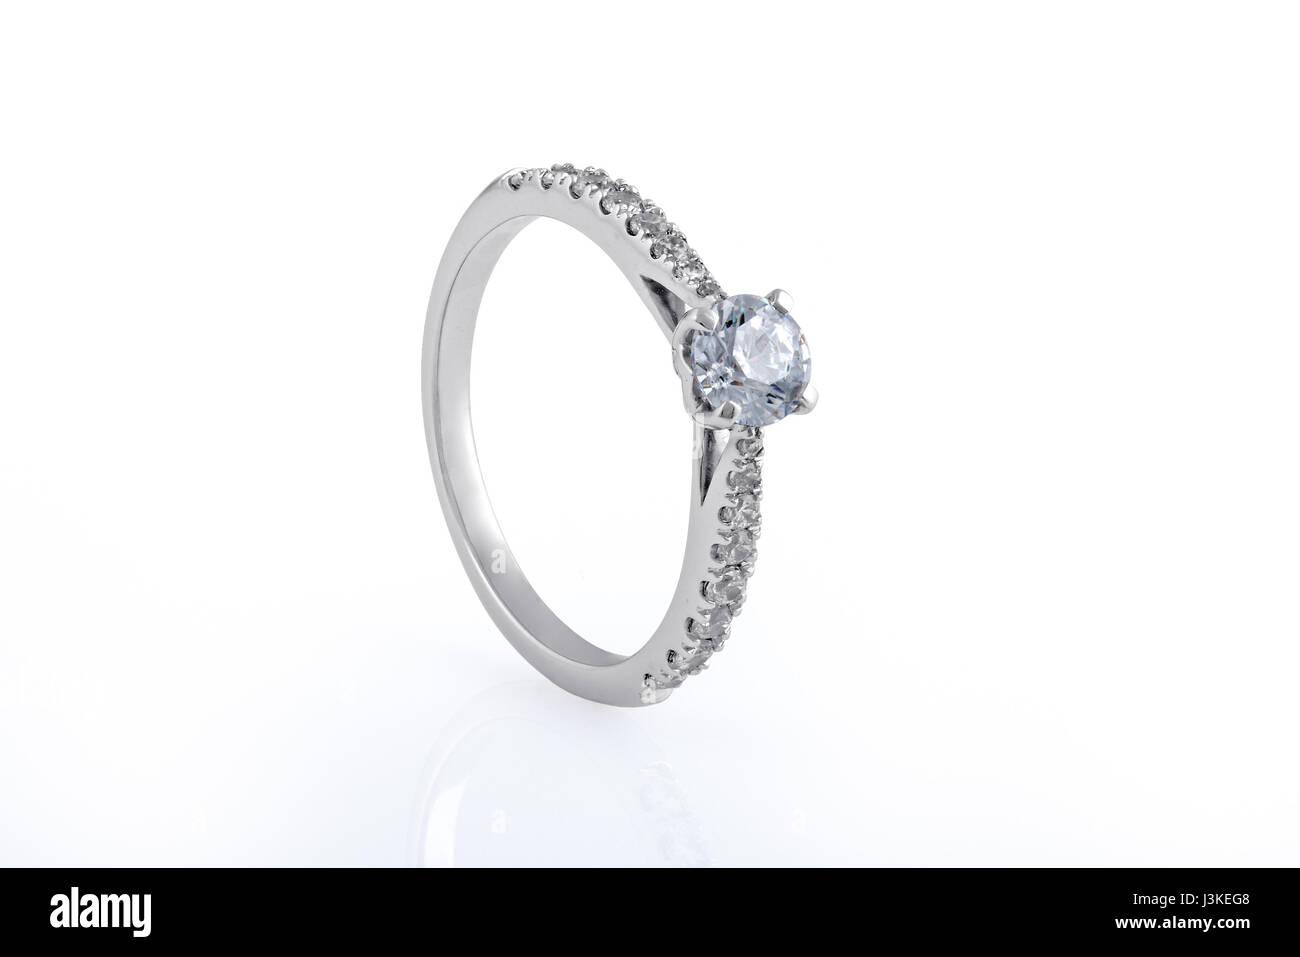 Alliance en or blanc, bagues de diamants sur fond blanc Banque D'Images